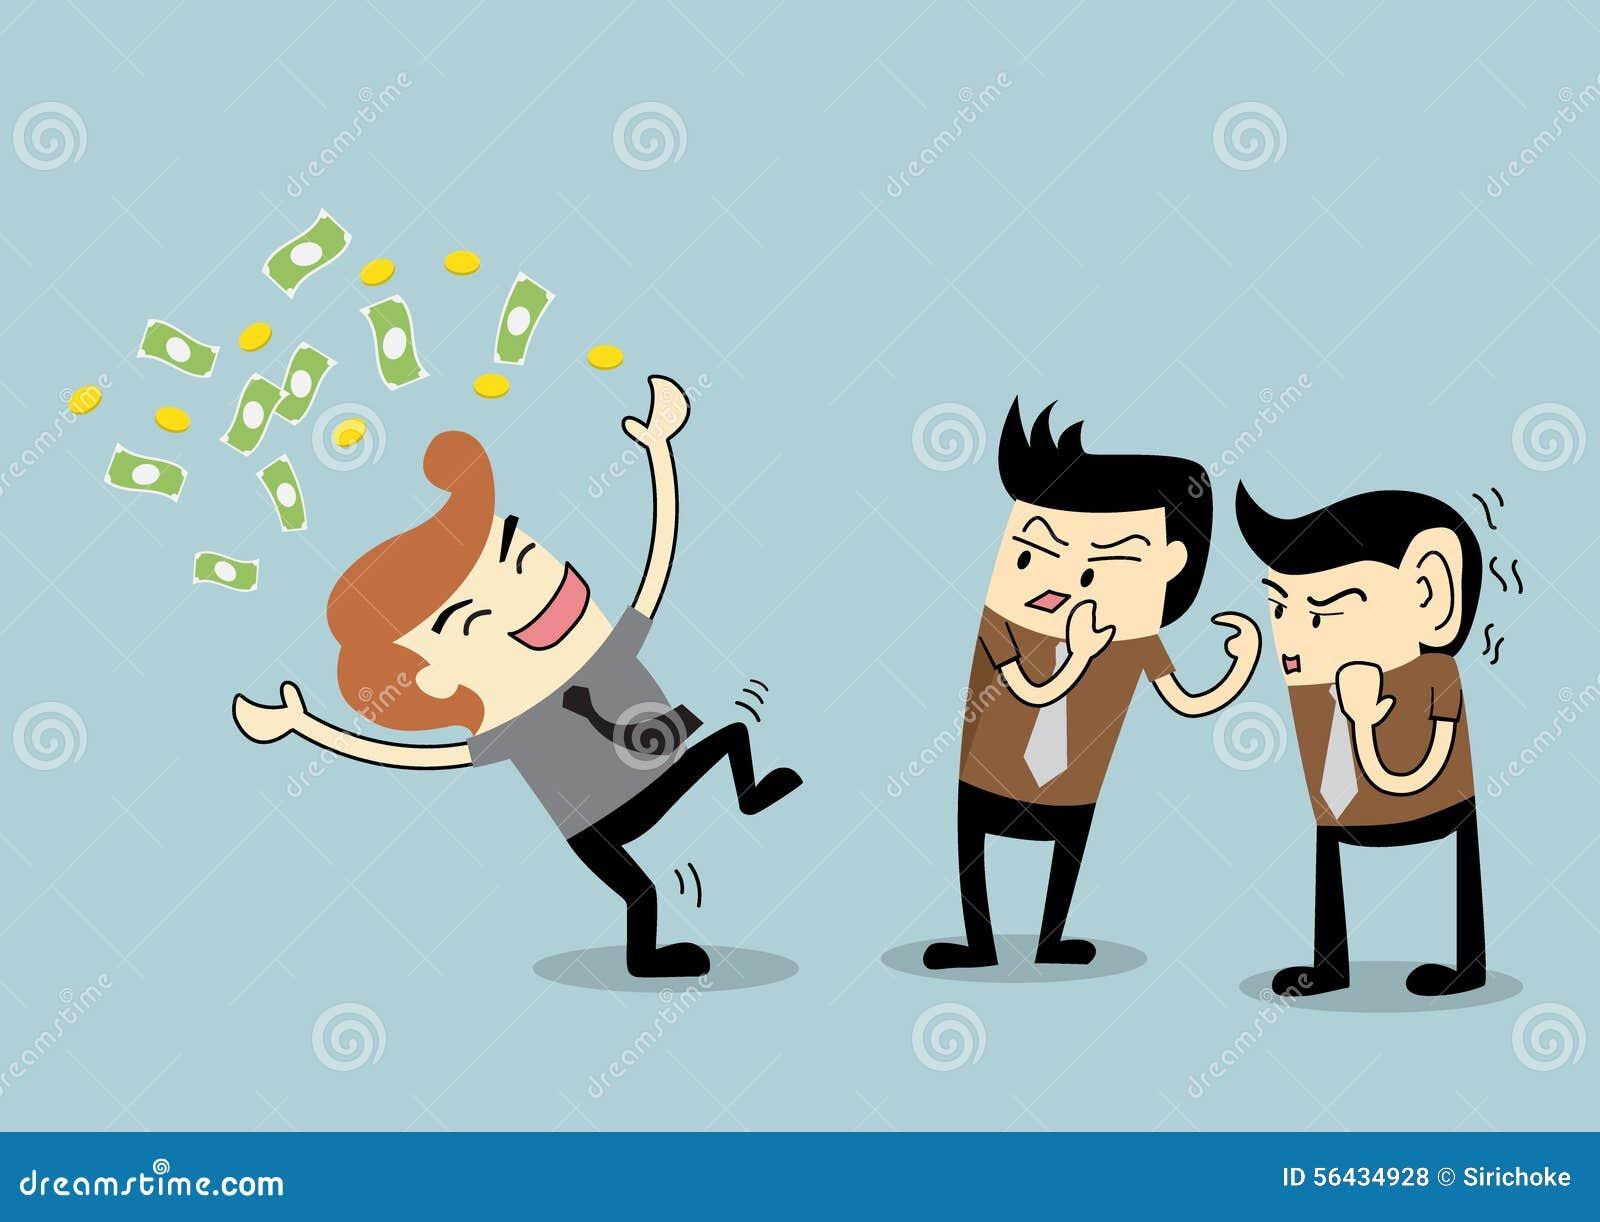 Επιχειρηματίας για να είναι κουτσομπολιό σε έναν πλούσιο υπάλληλο